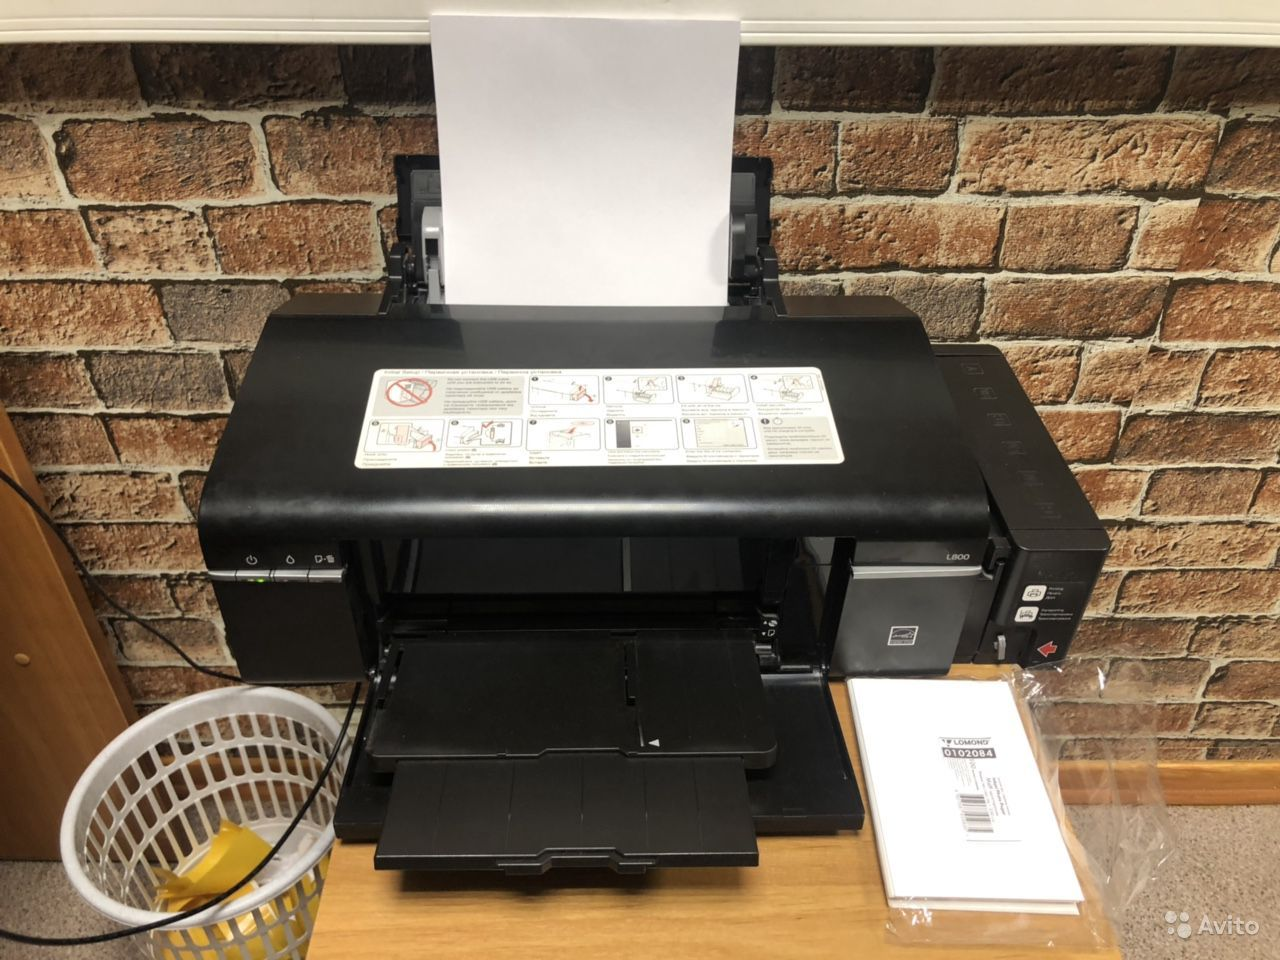 нас самые принтер в фотосалон вам работе лёгких